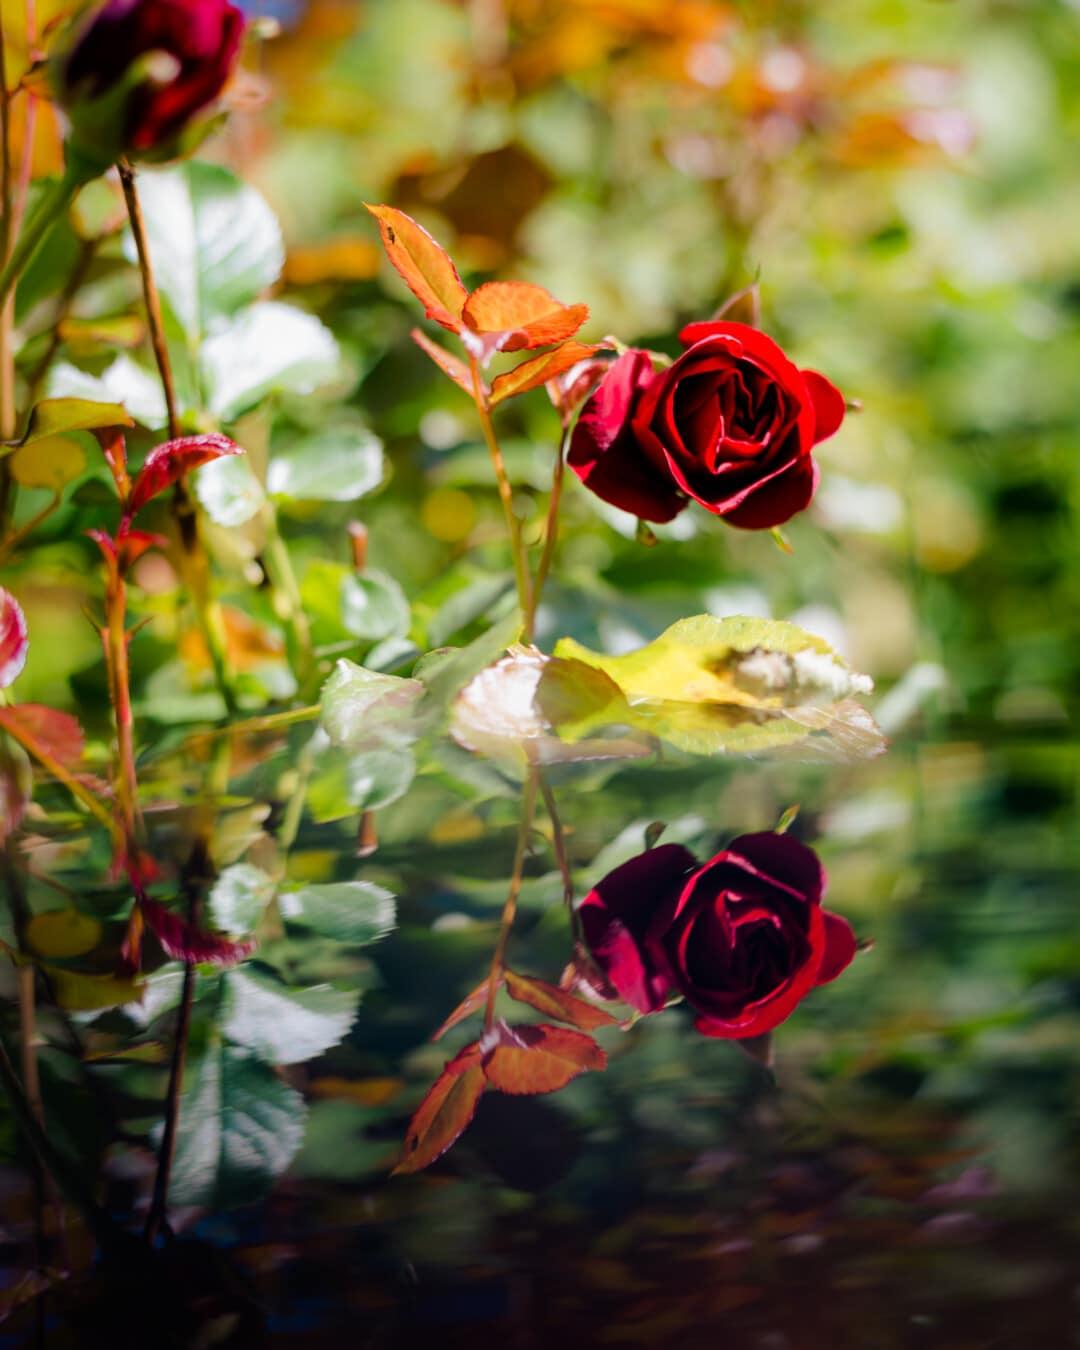 busk, roser, refleksion, blomst, steg, blad, natur, knop, flora, plante